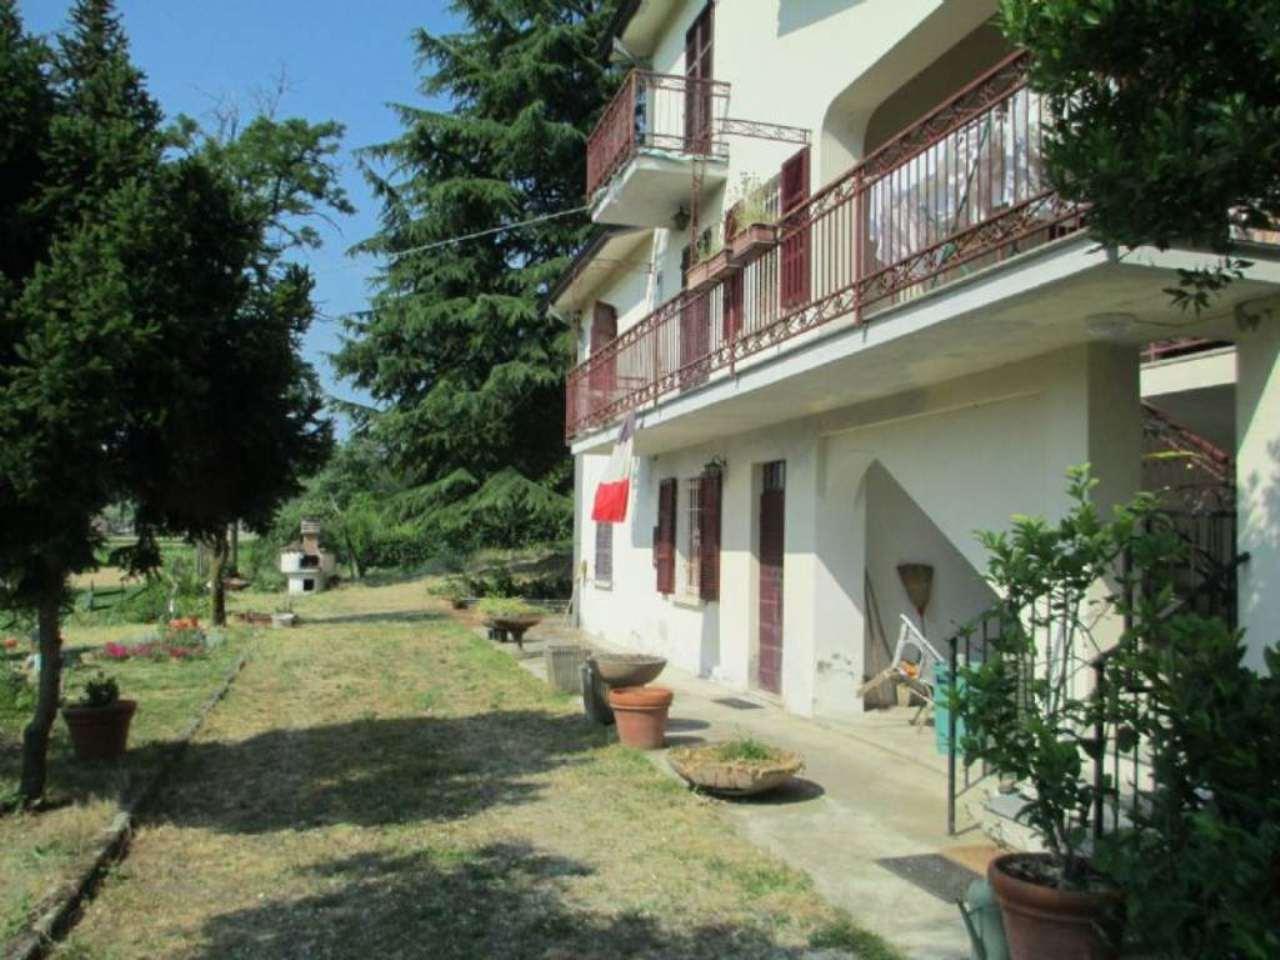 Villa in vendita a Castell'Arquato, 6 locali, prezzo € 310.000 | Cambio Casa.it